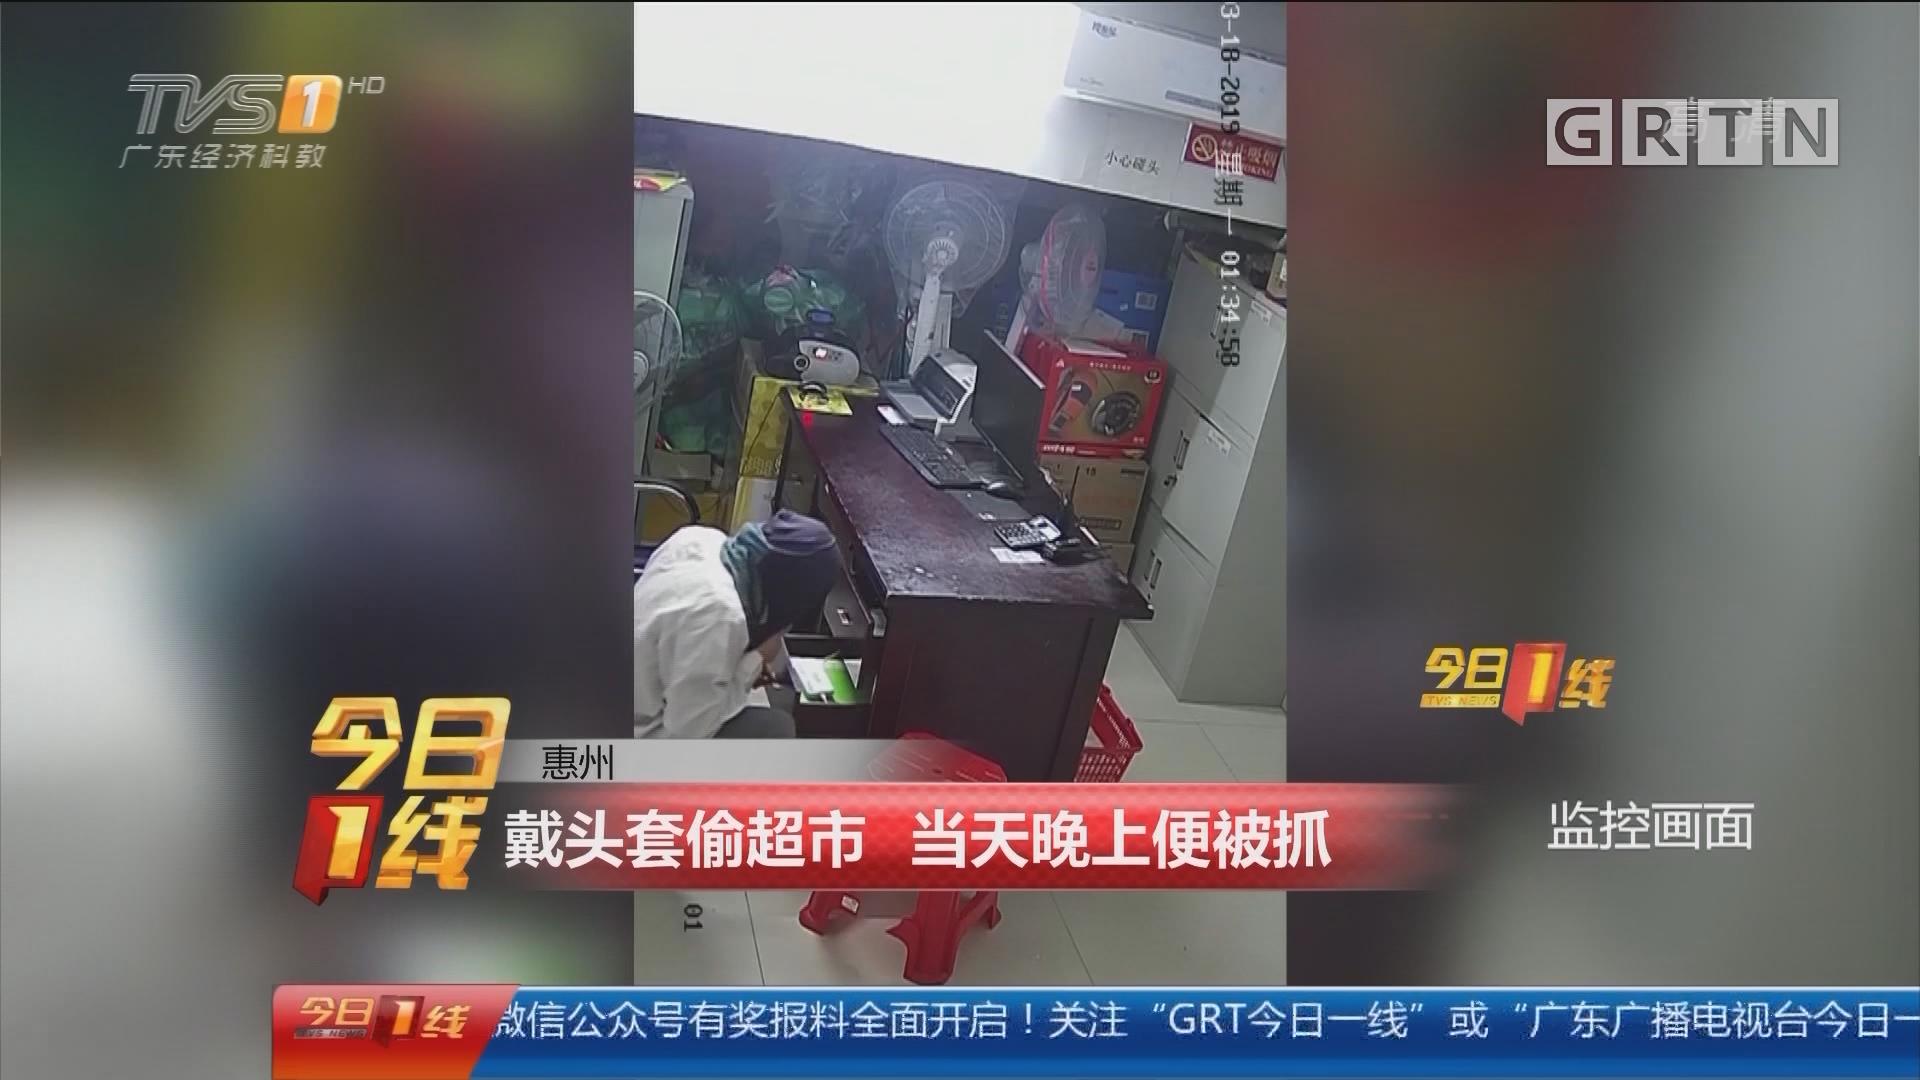 惠州:戴头套偷超市 当天晚上便被抓